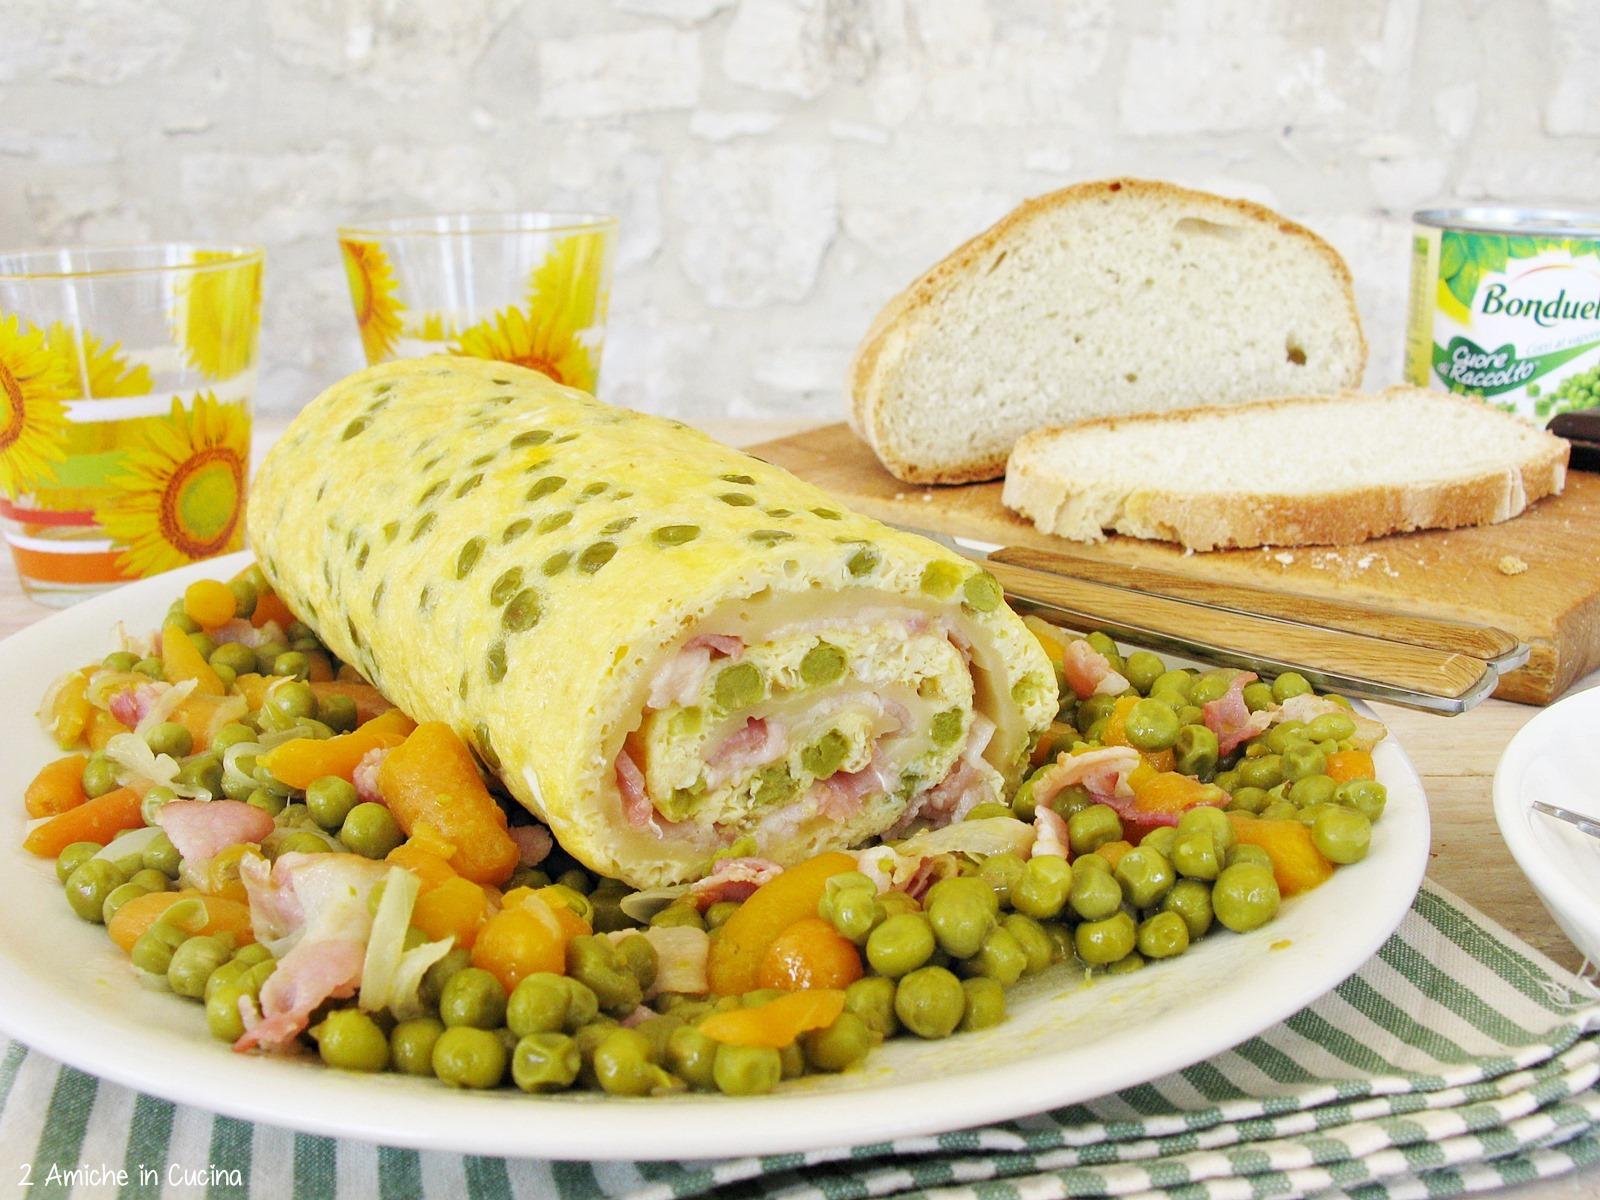 secondo freddo con uova e verdure